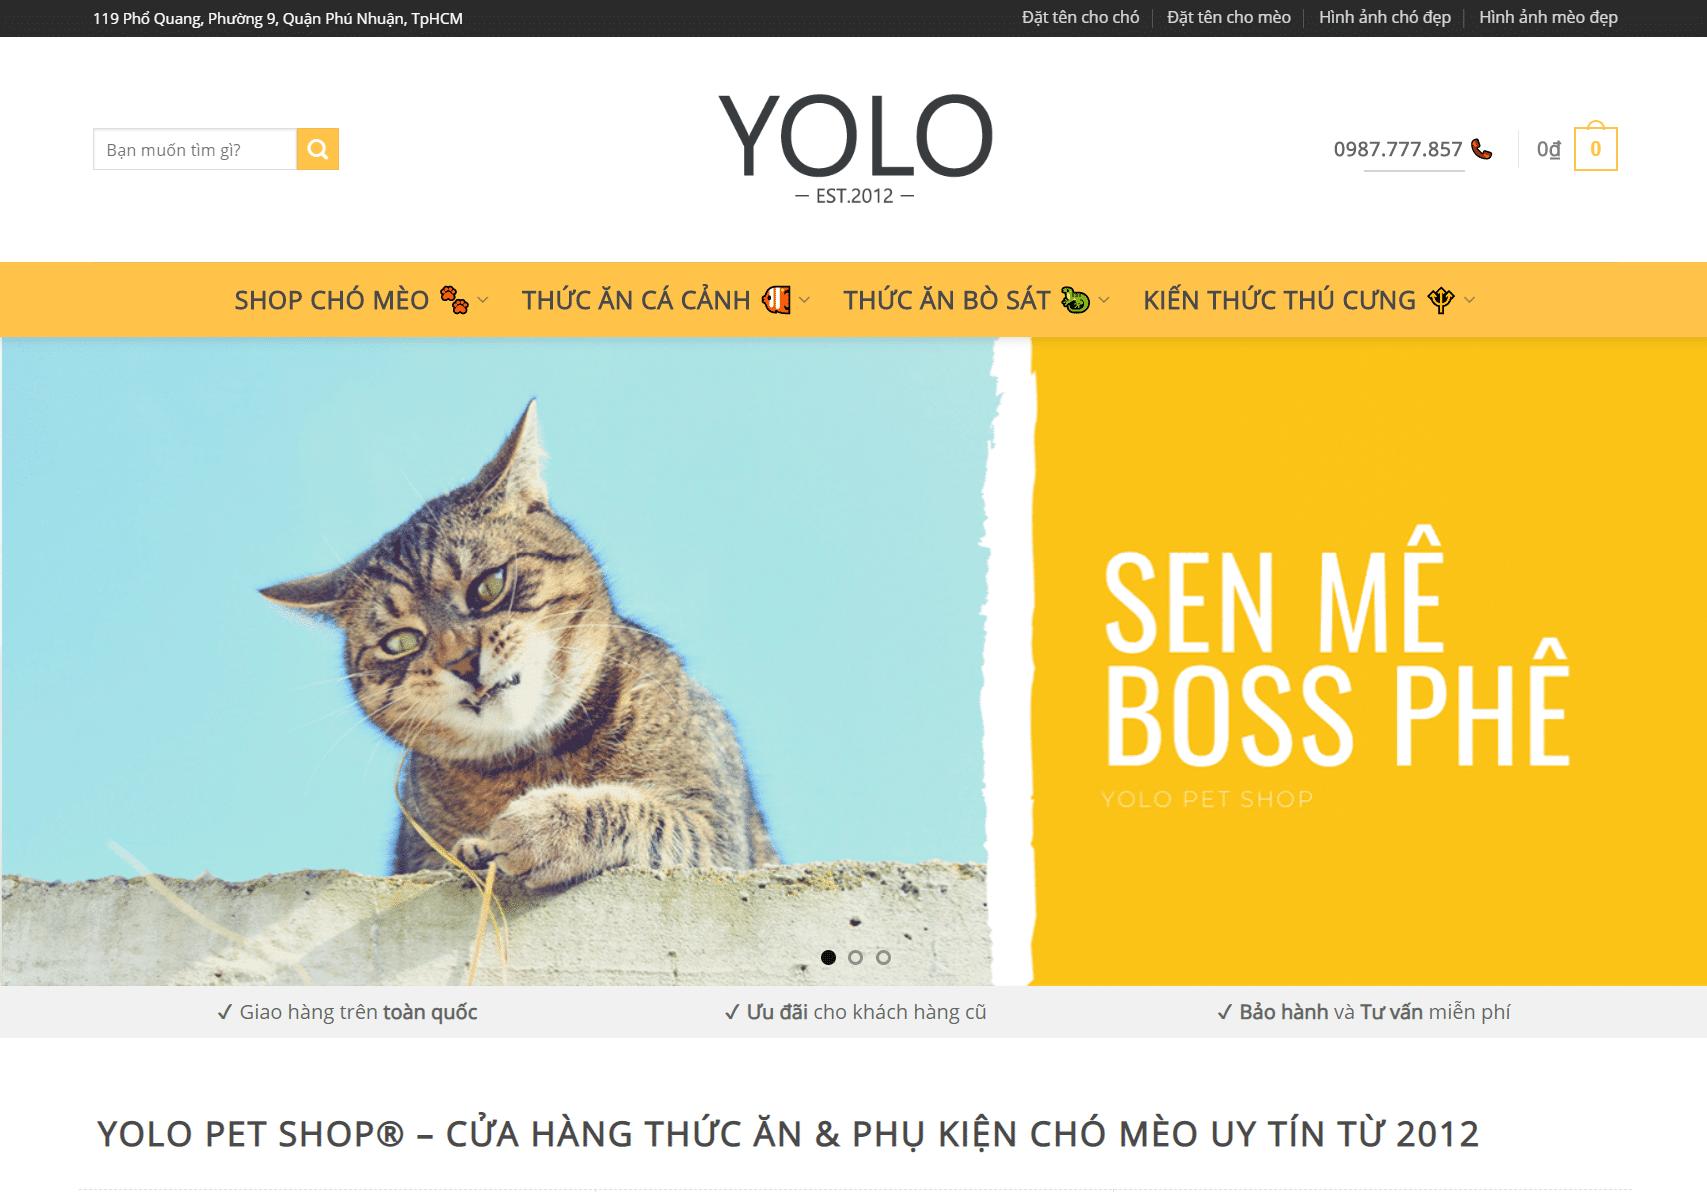 yolo pet shop thuc an va phu kien uy tin tu 2012